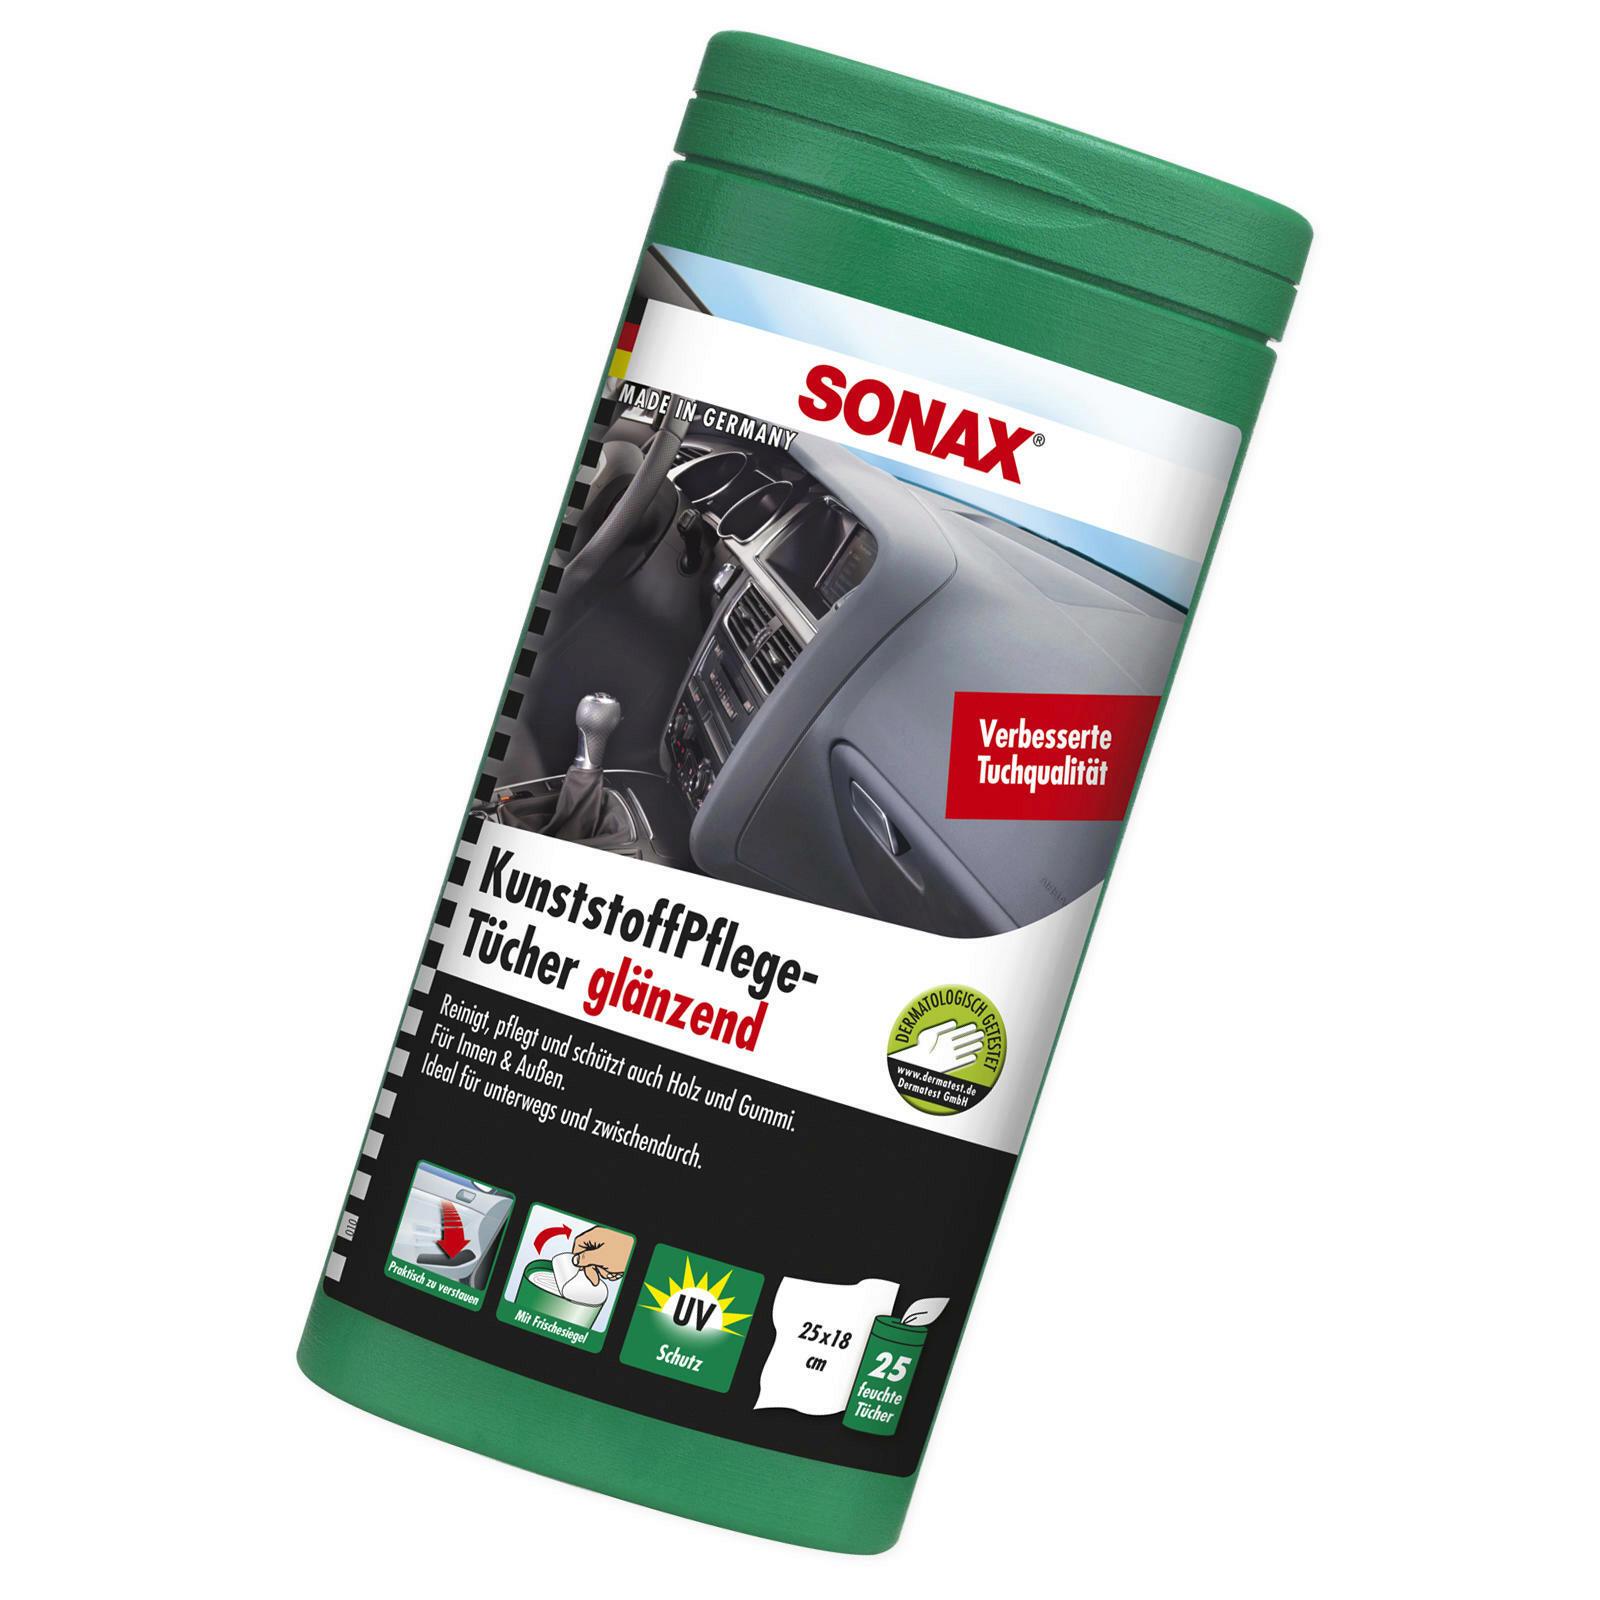 SONAX KunststoffPflegeTücher glänzend Box